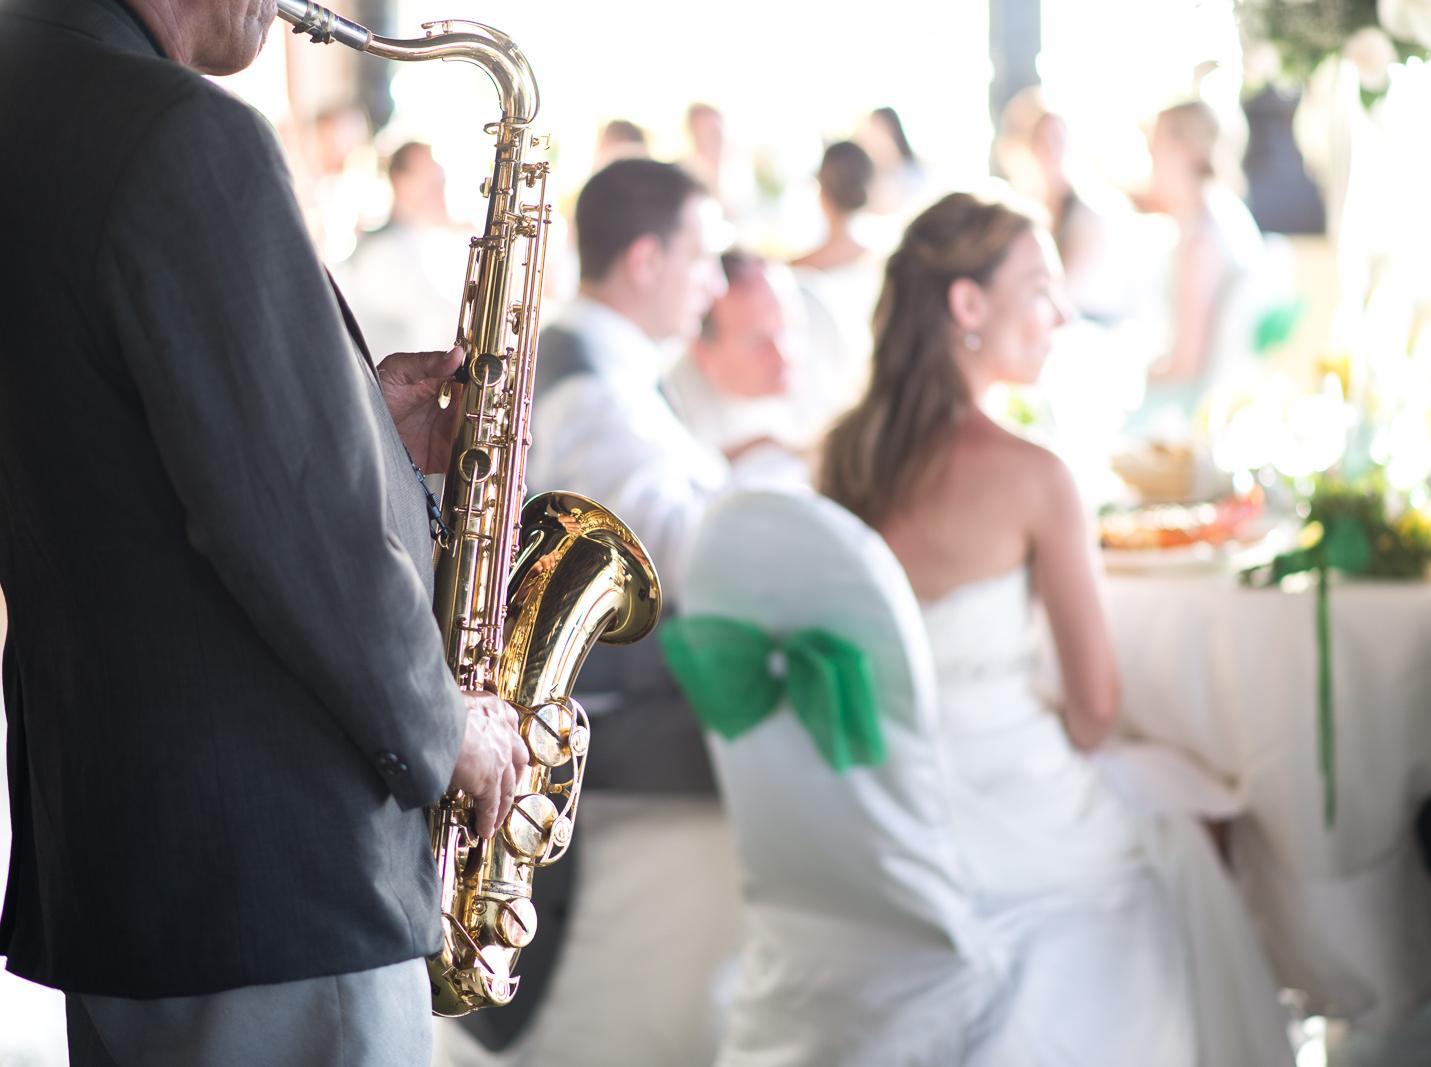 bodas-estilo-libre-playa-cuba-9161.jpg